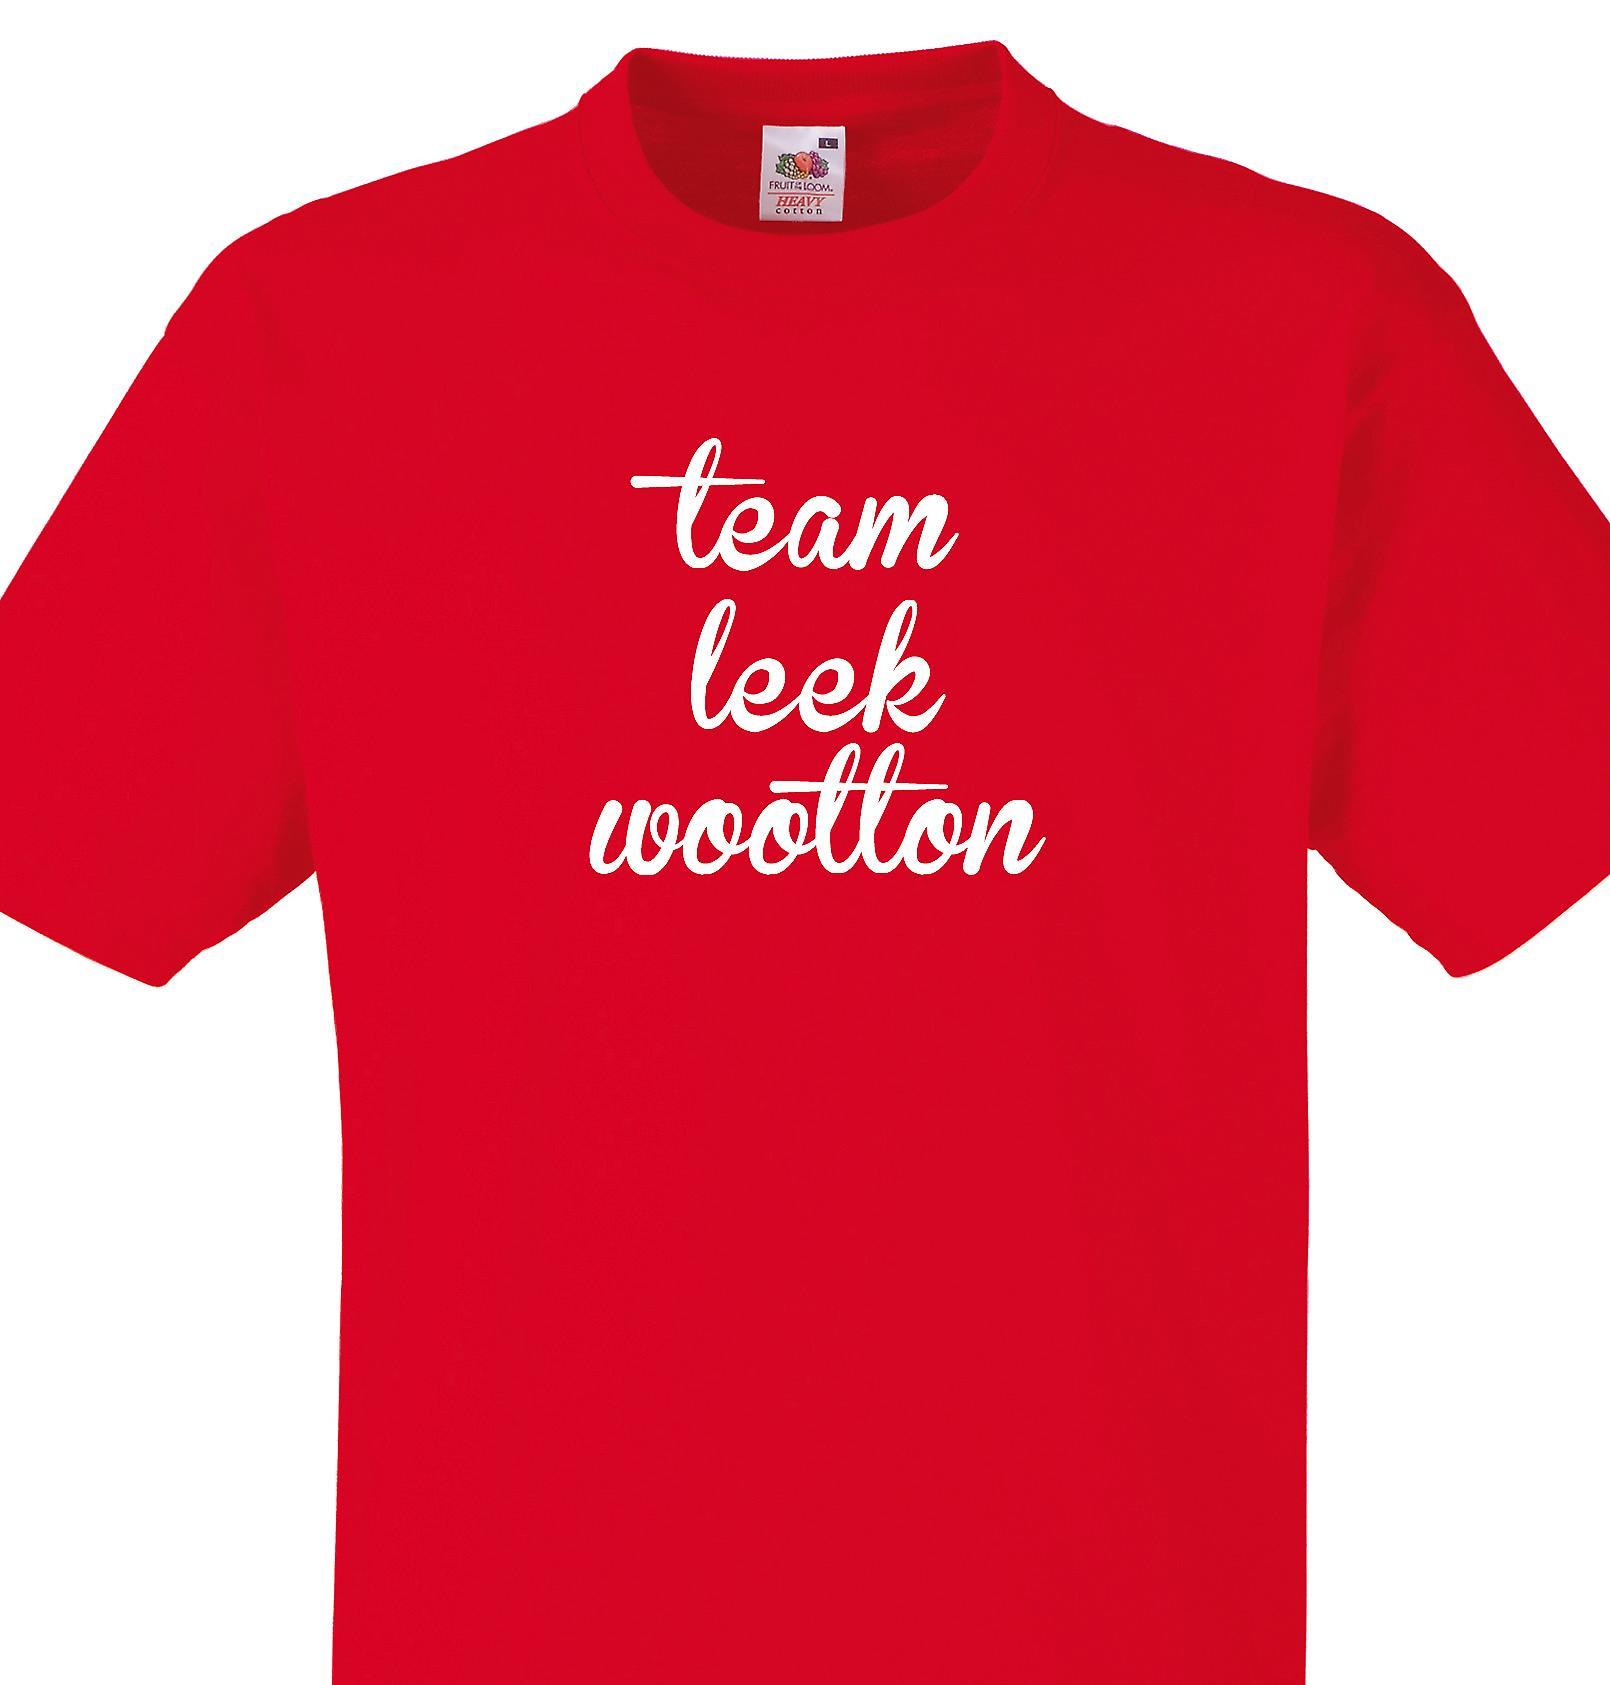 Team Leek wootton Red T shirt